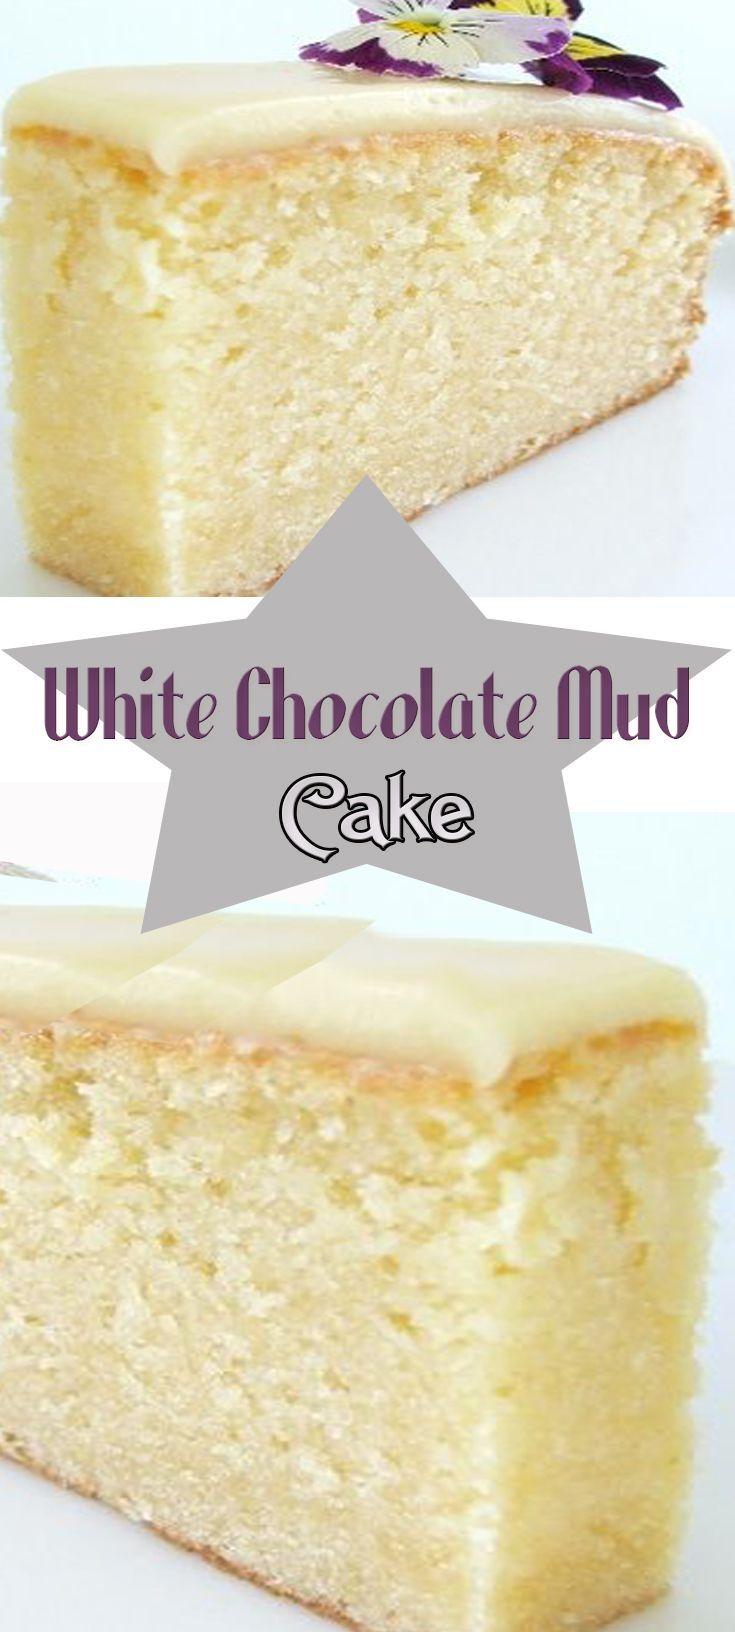 White Chocolate Mud Cake | Desserts | Pinterest | White chocolate ...